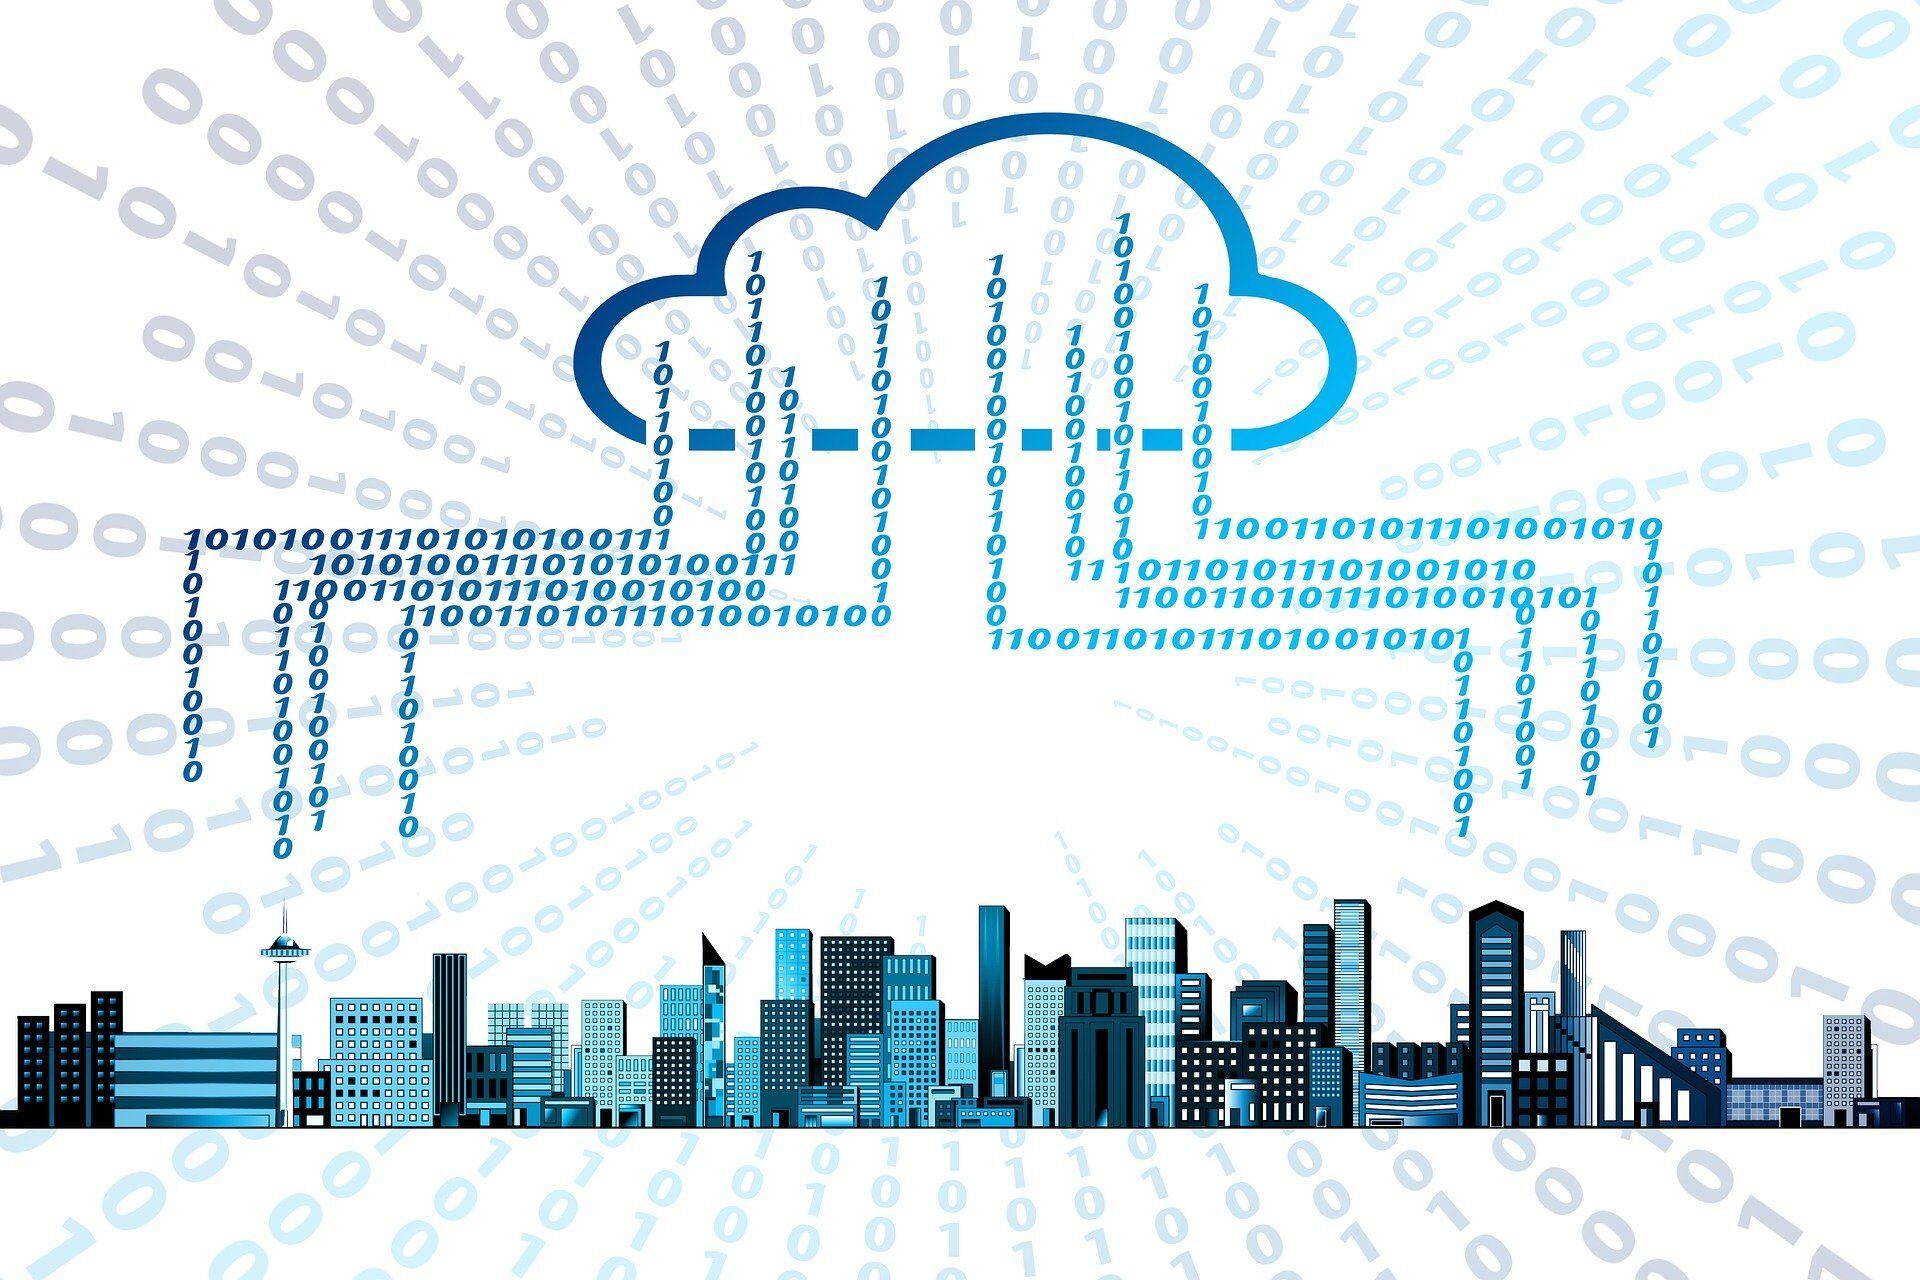 dieses Bild symbolisiert einen Cloud-Datenspeicher